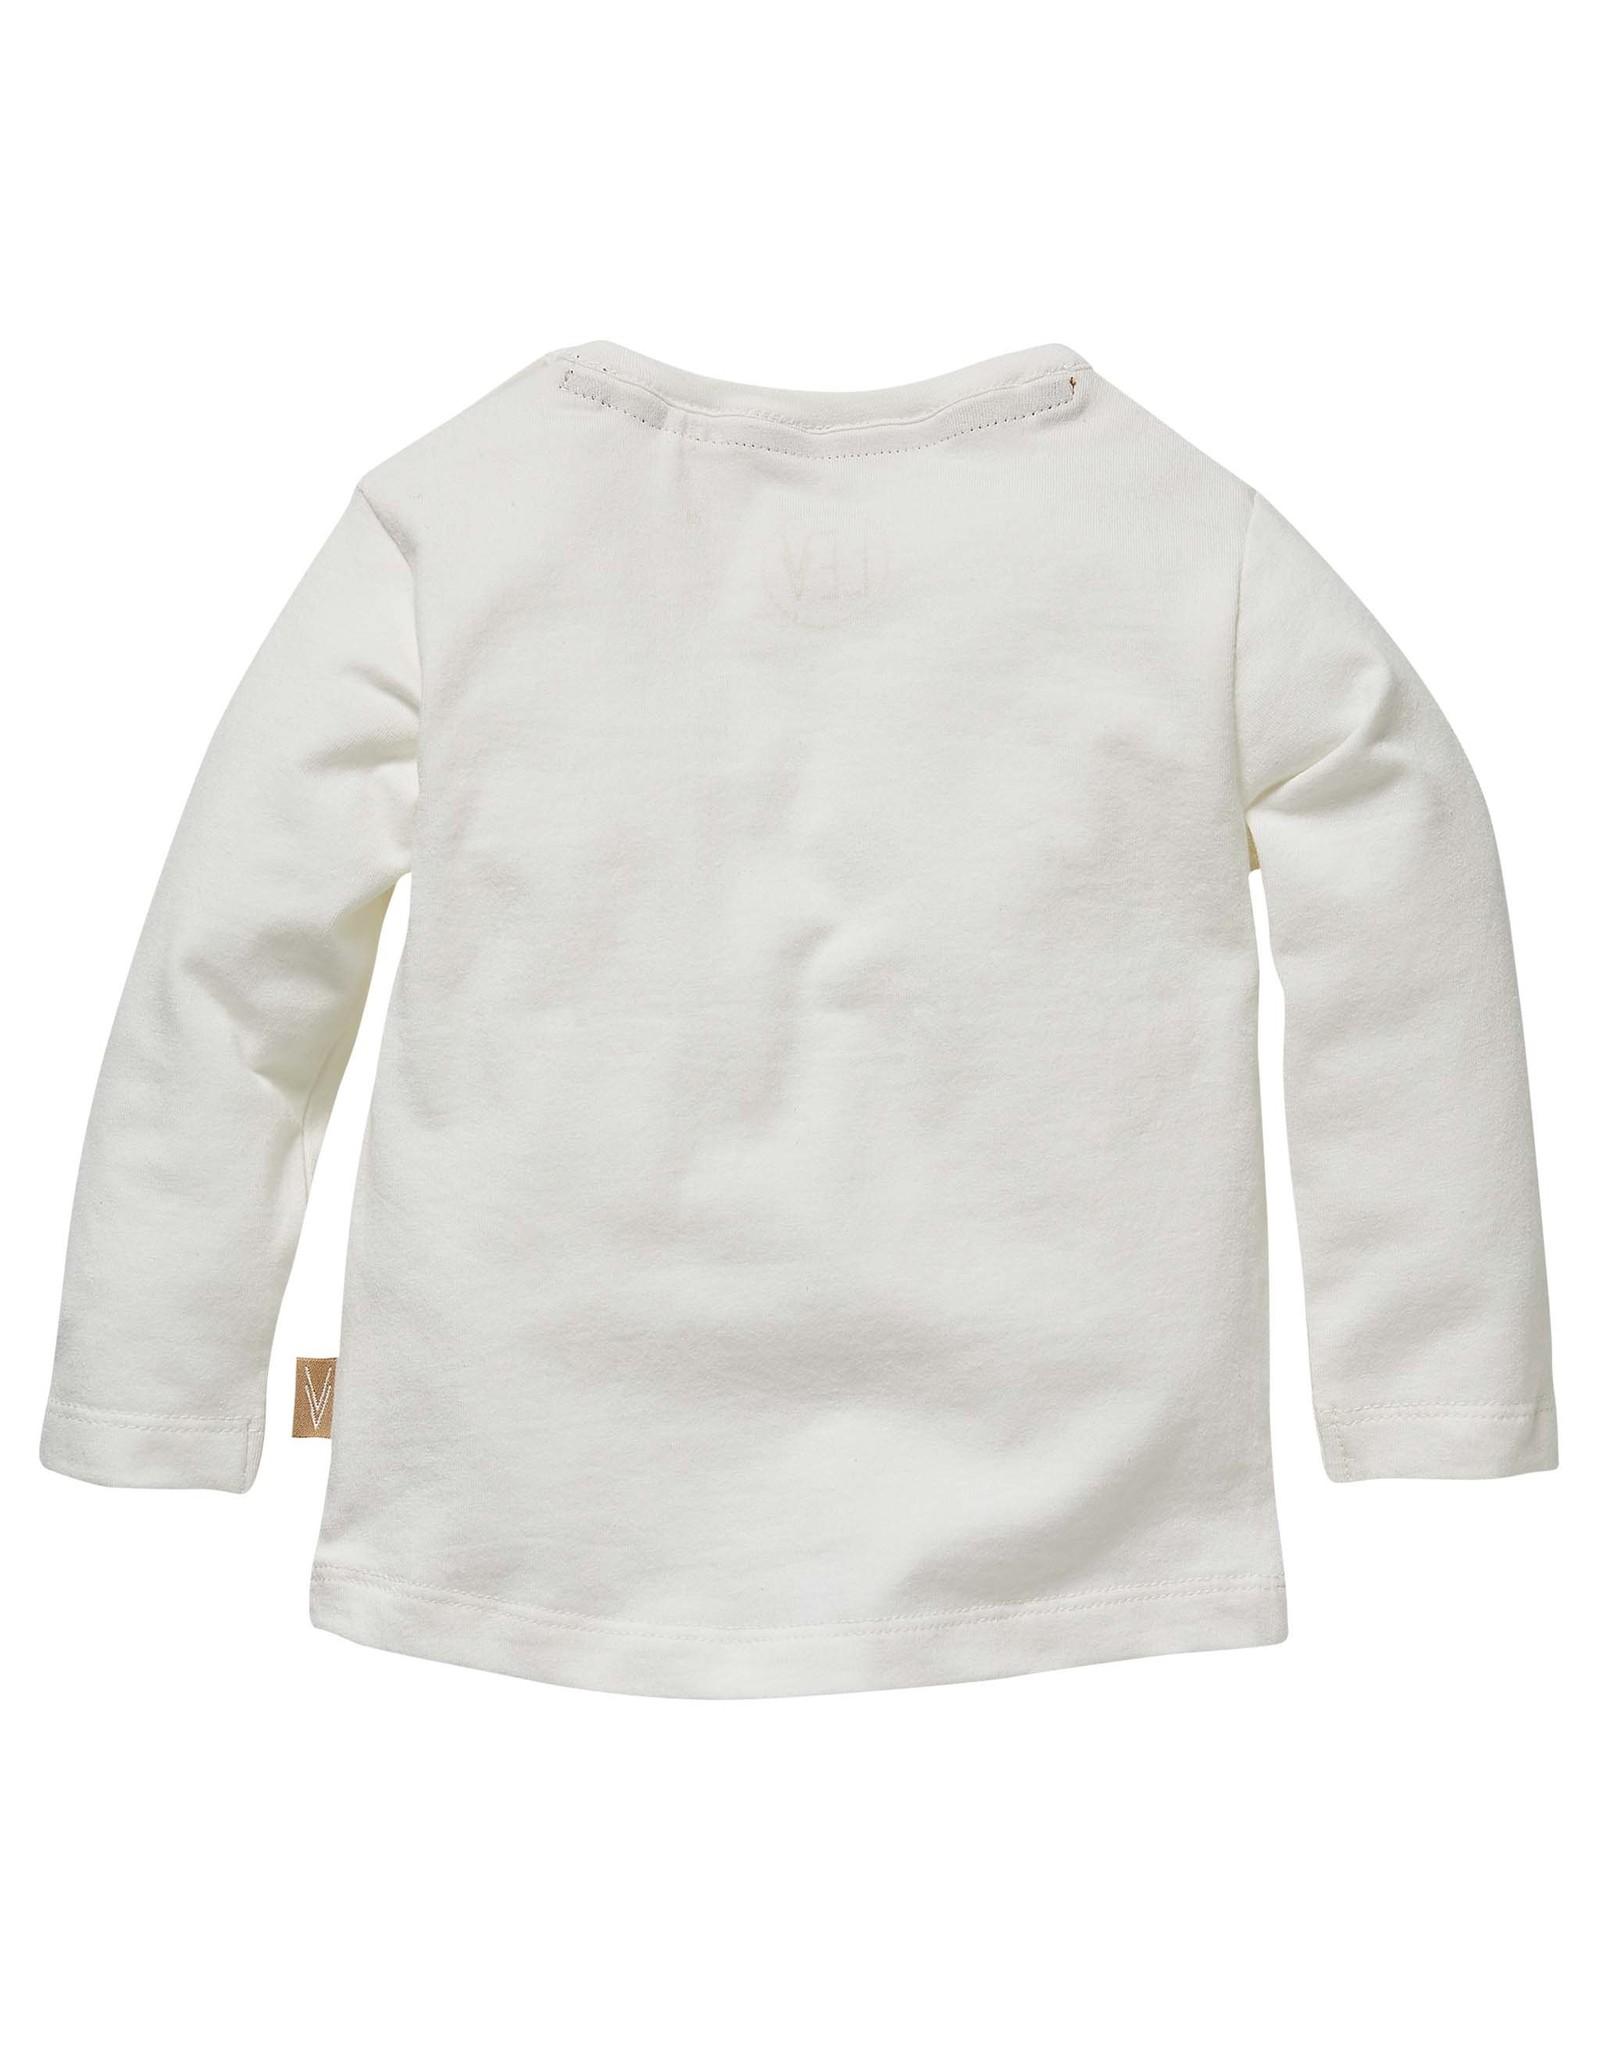 LEVV Levv newborn baby jongens shirt Lennox